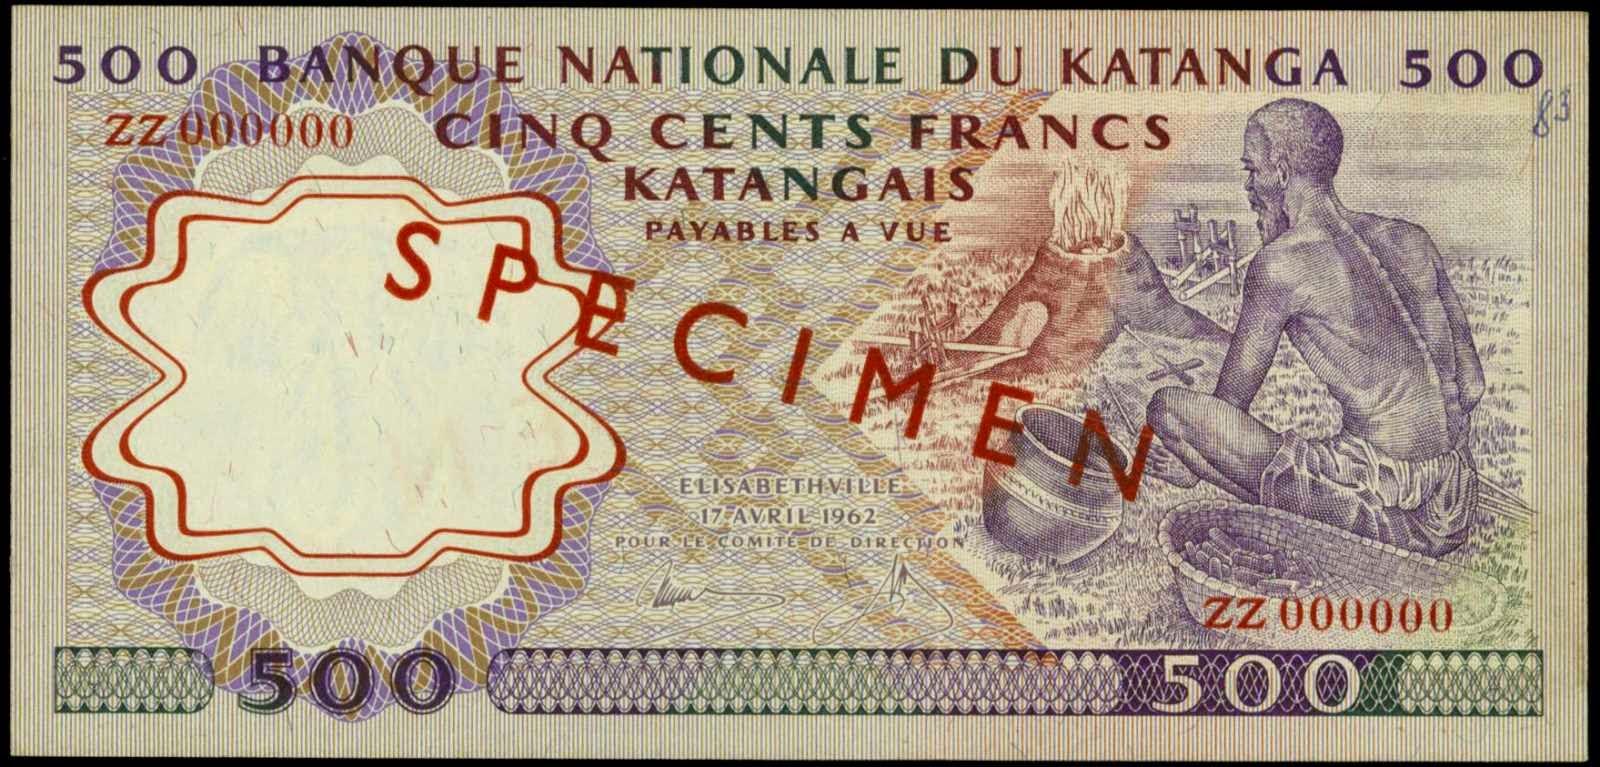 Katanga banknotes 500 Francs currency notes